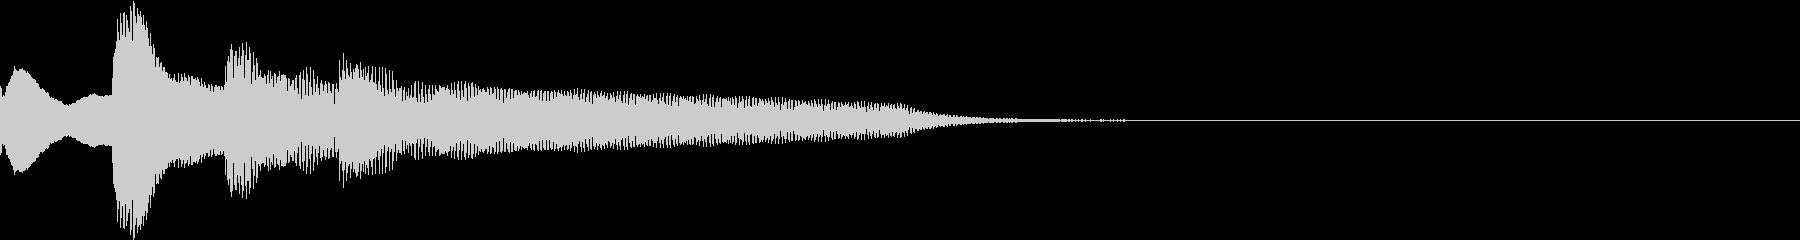 ピンポンパンポーン(開始・上昇)の未再生の波形